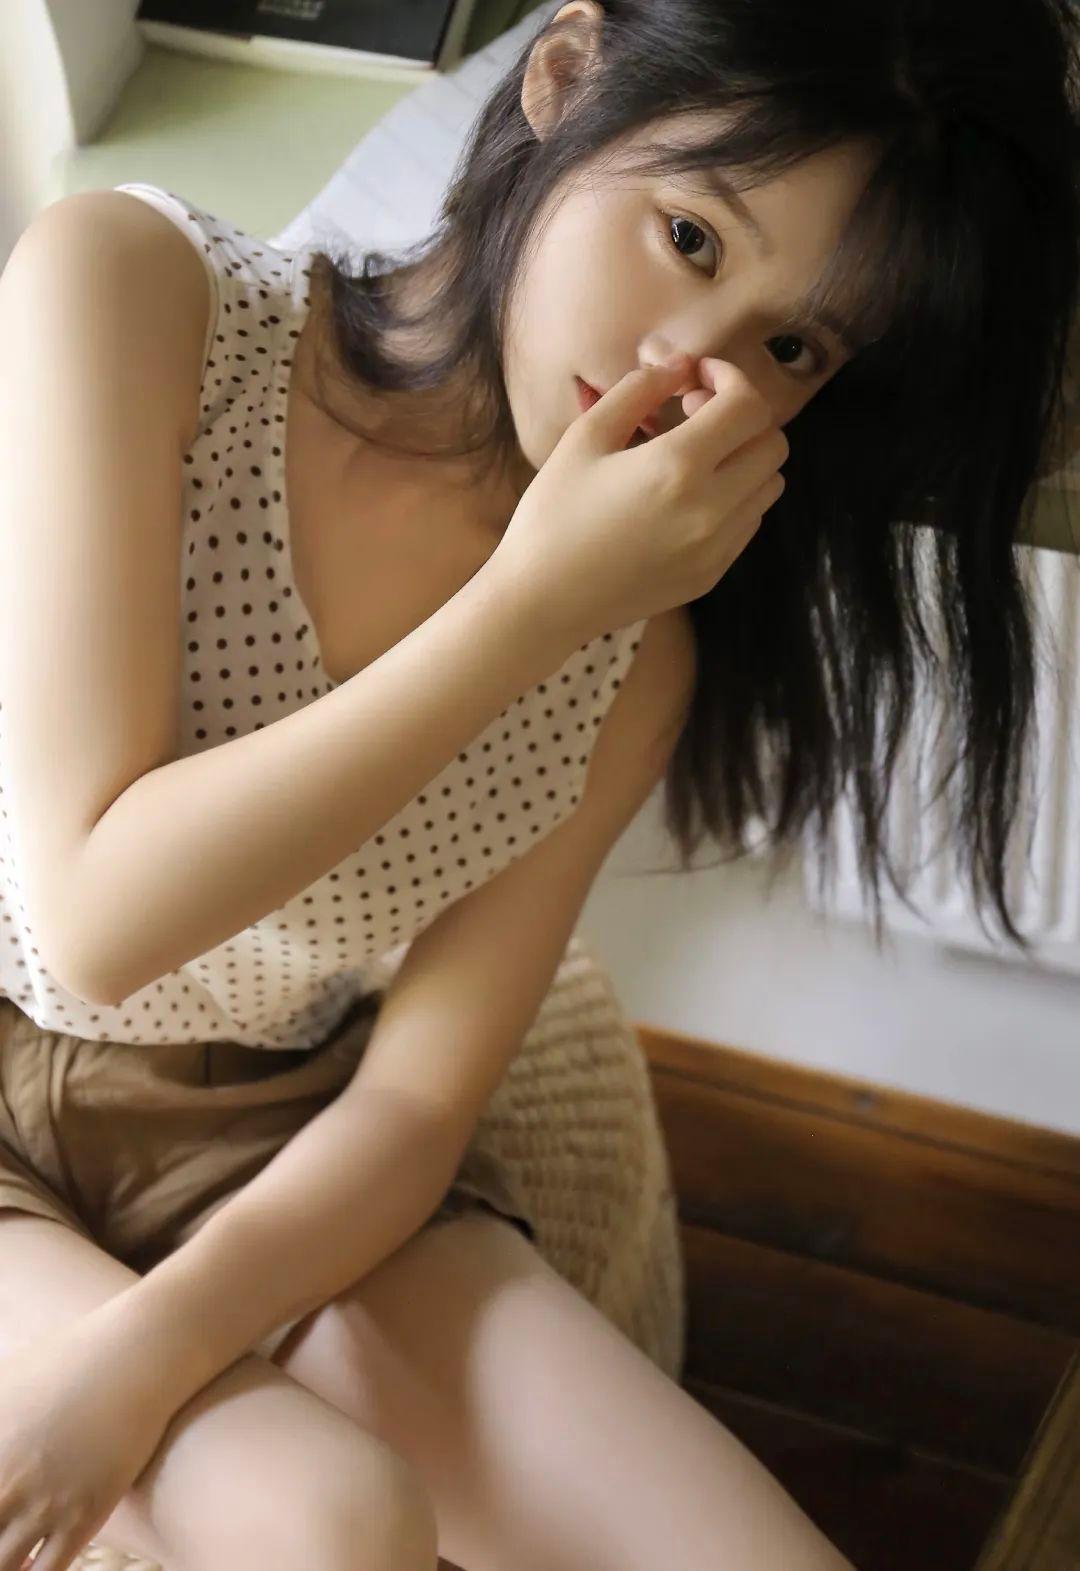 妹子摄影 – 波点t恤少女与镜中人比美_图片 No.5